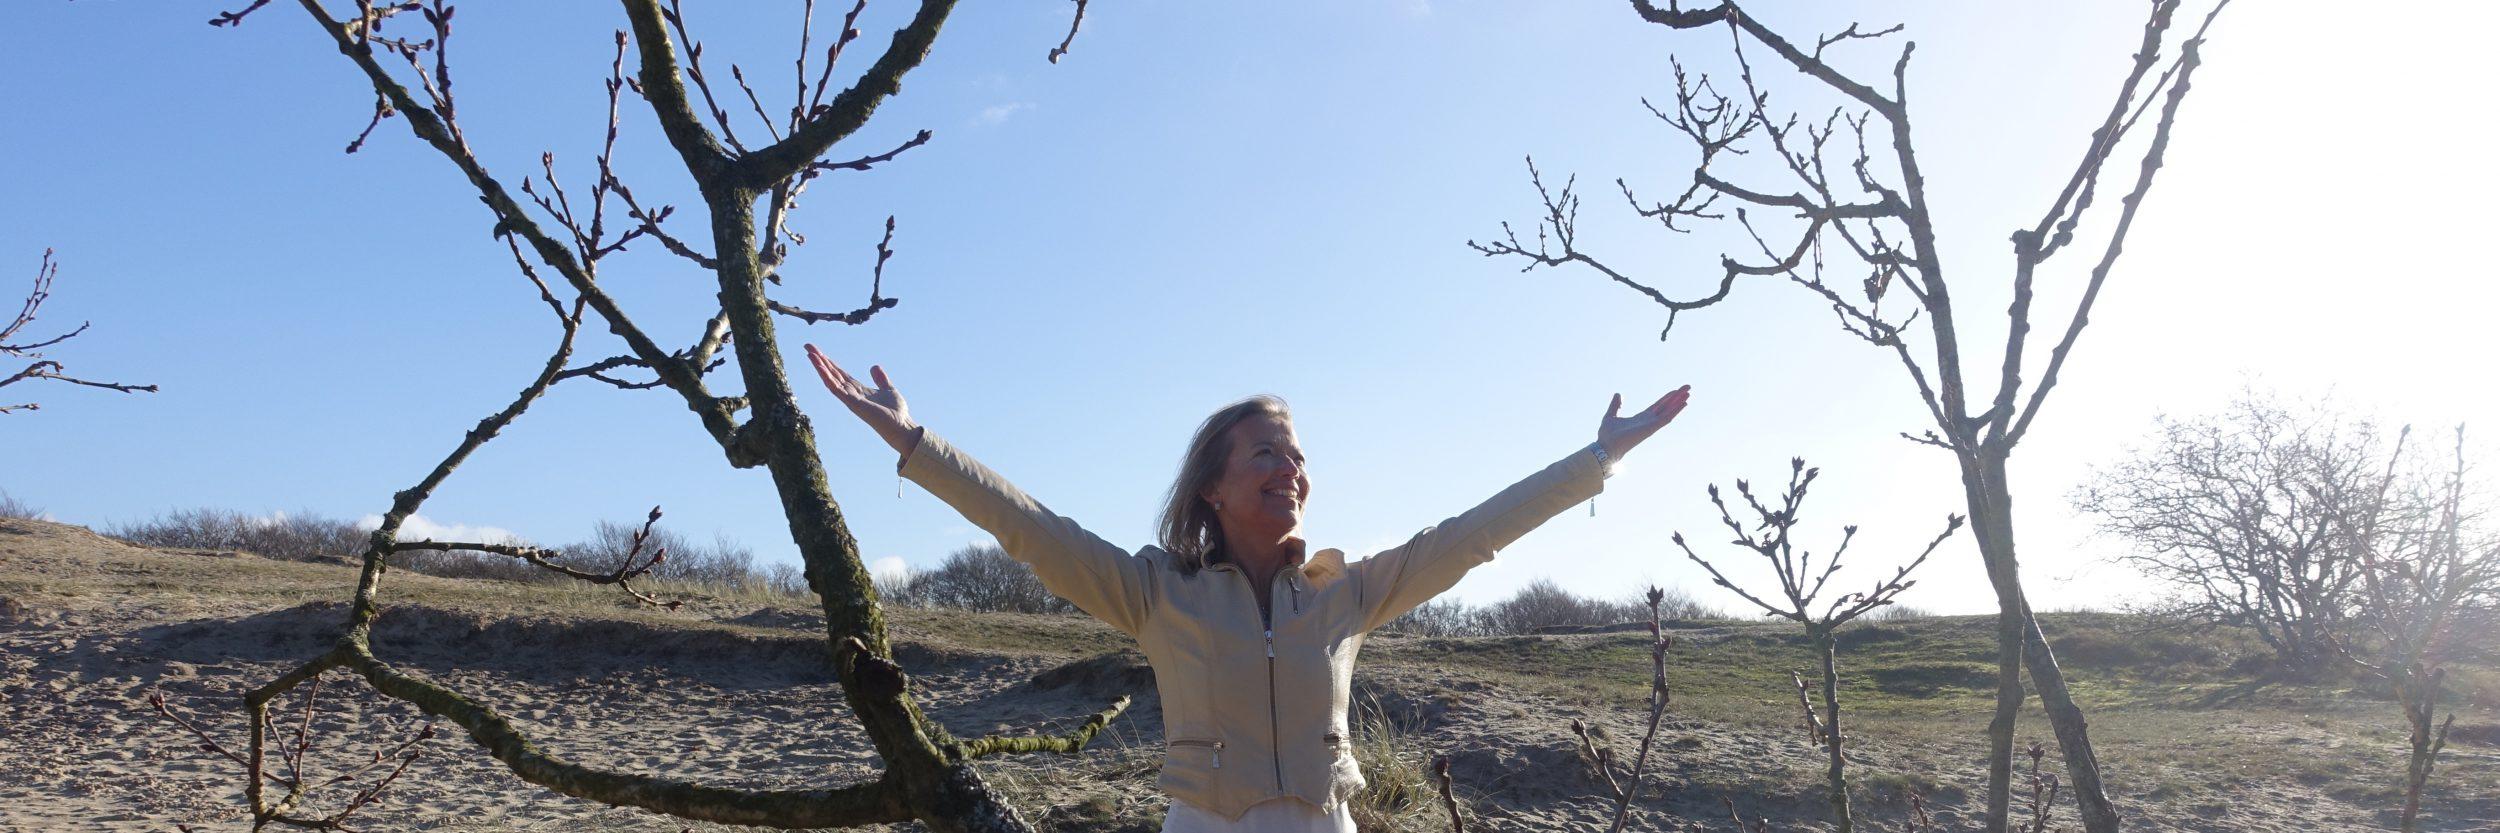 Judith van Gent - Salta Coaching